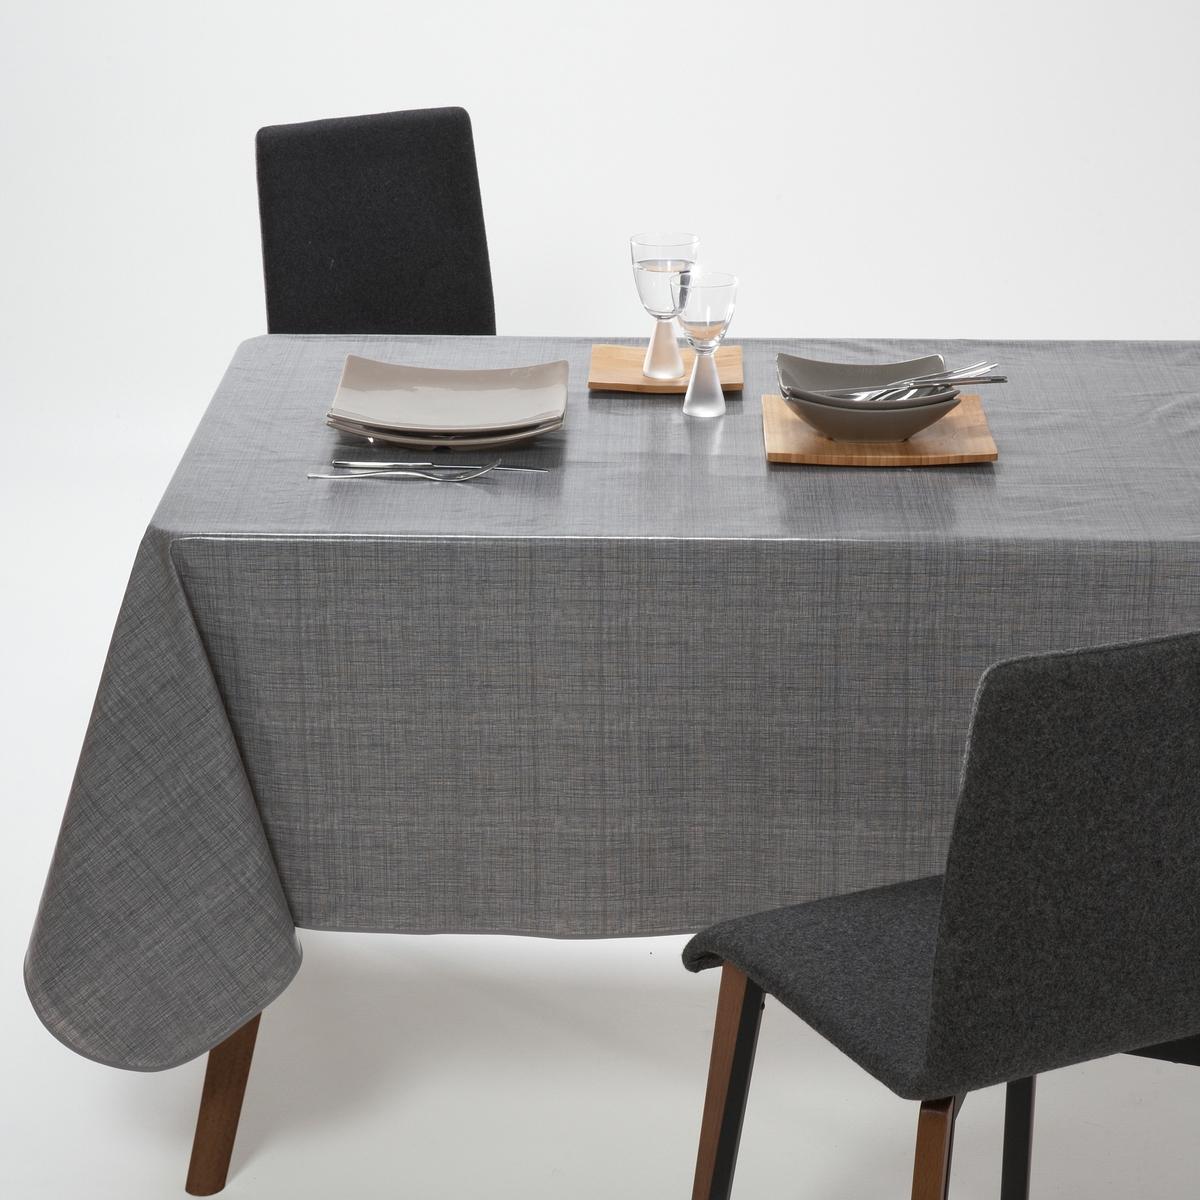 цены Скатерть La Redoute С эффектом тканого полотна из ПВХ 140 x 140 см серый